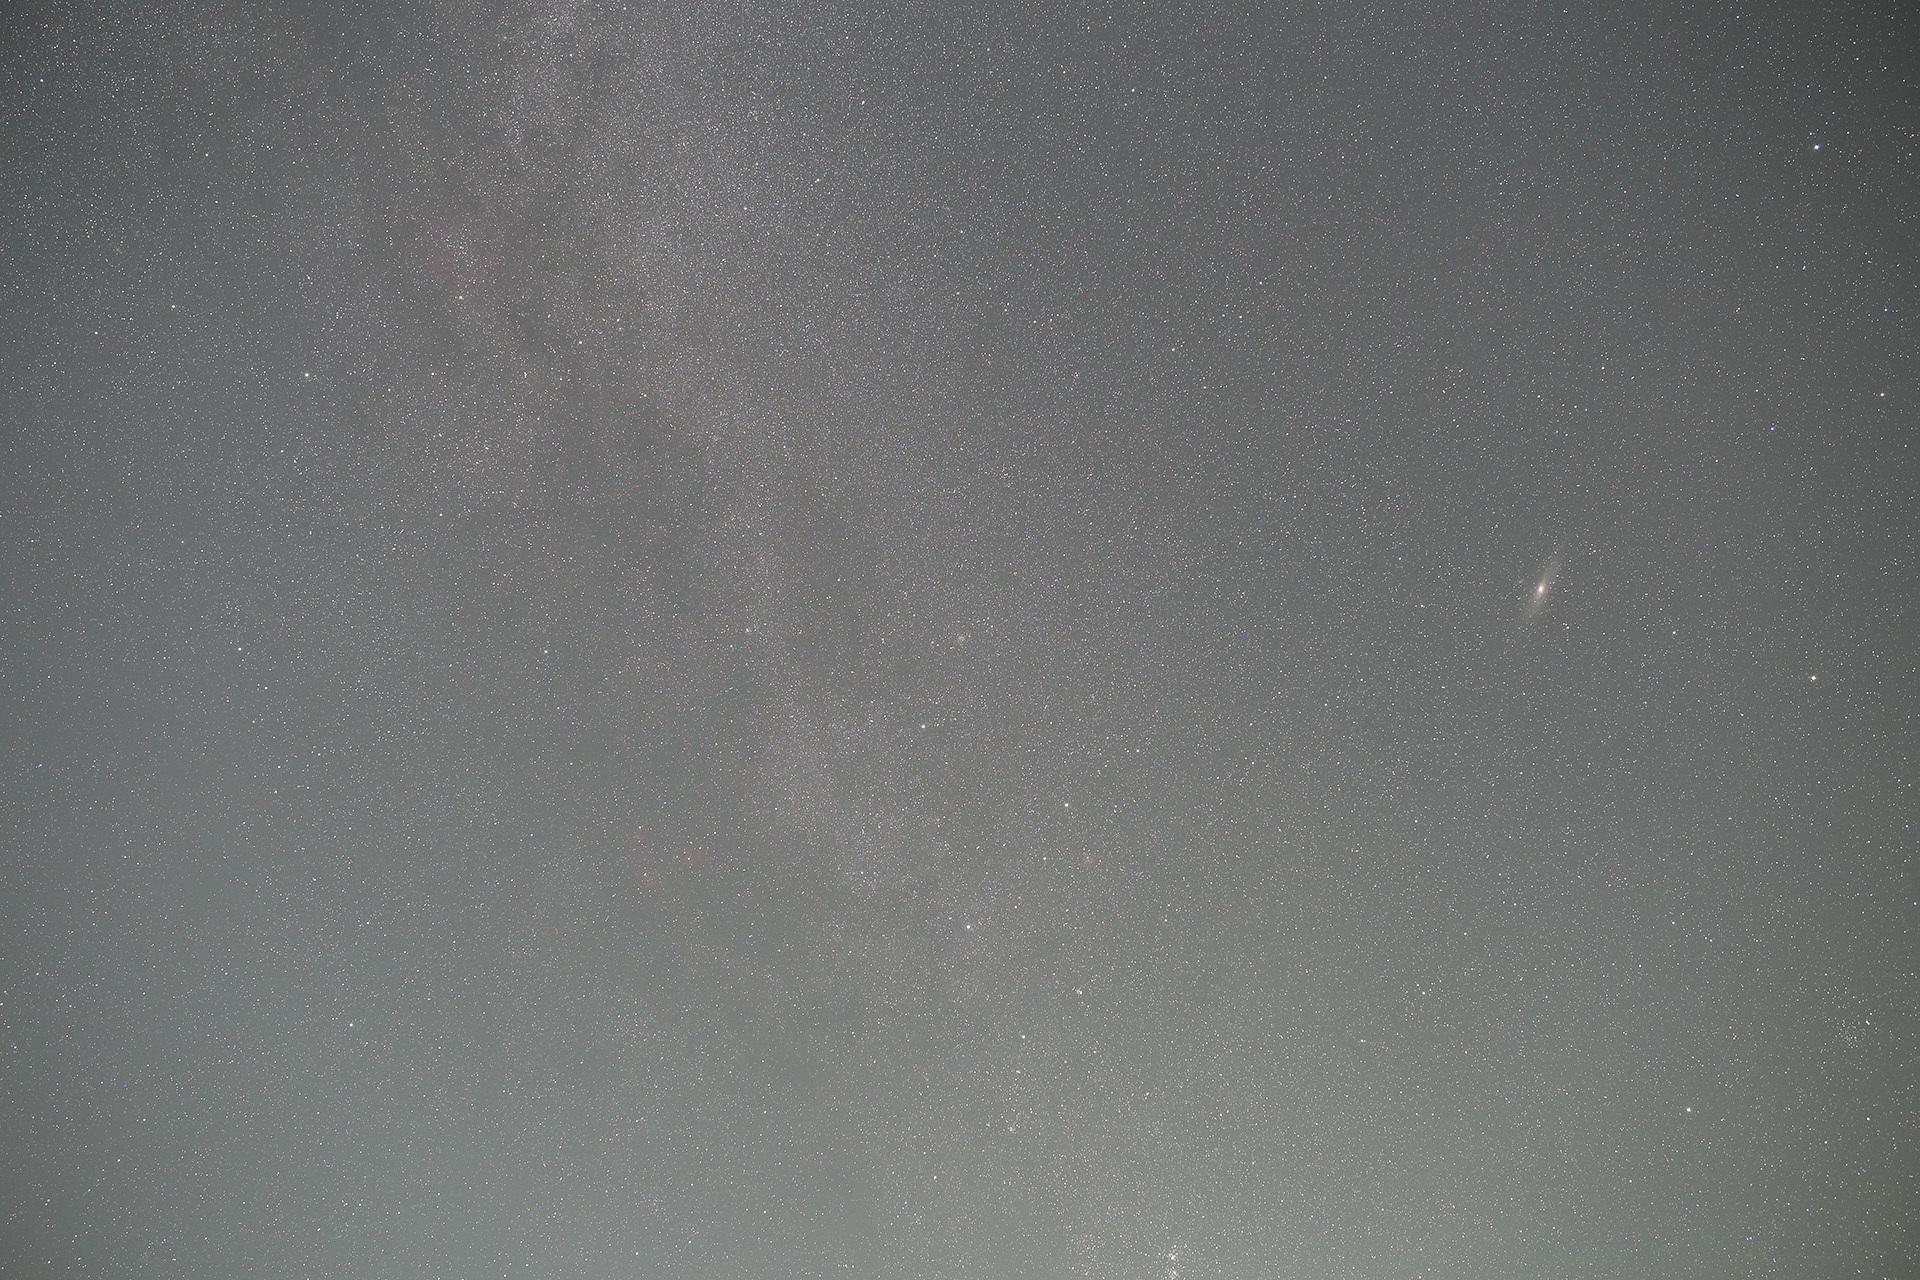 TM35F28_Small2.jpg